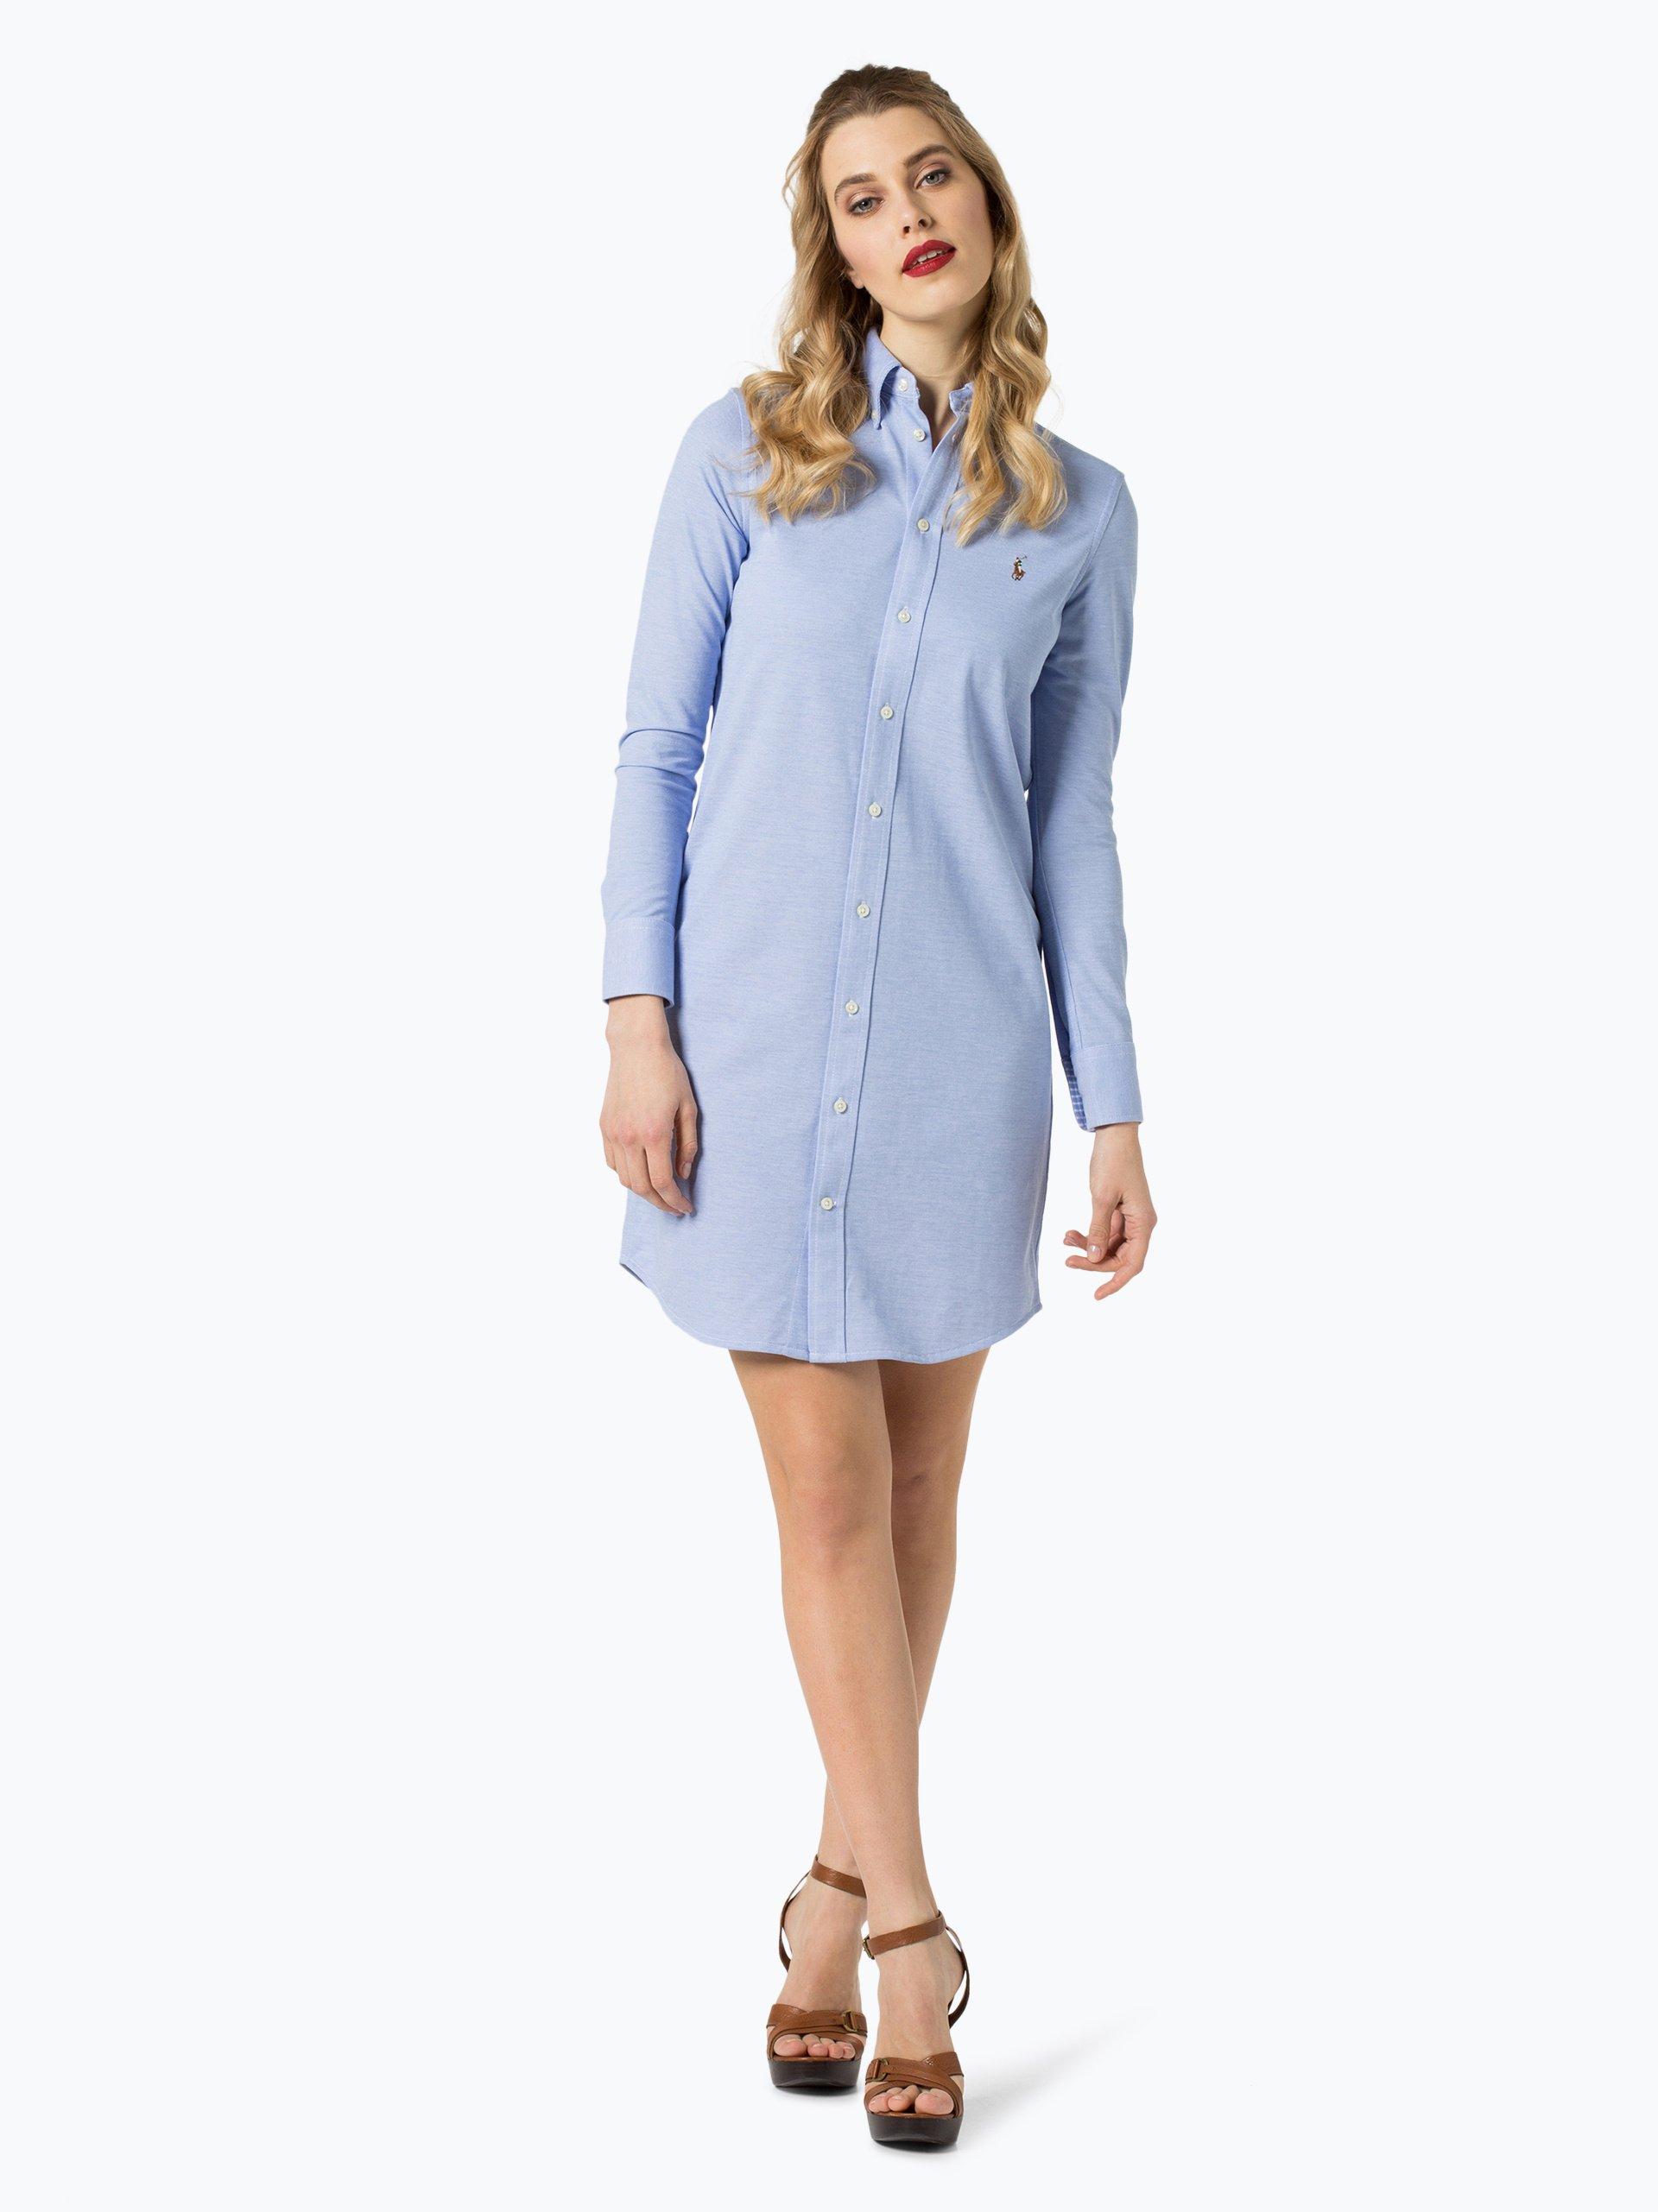 polo ralph lauren damen kleid blau uni online kaufen peek und cloppenburg de. Black Bedroom Furniture Sets. Home Design Ideas